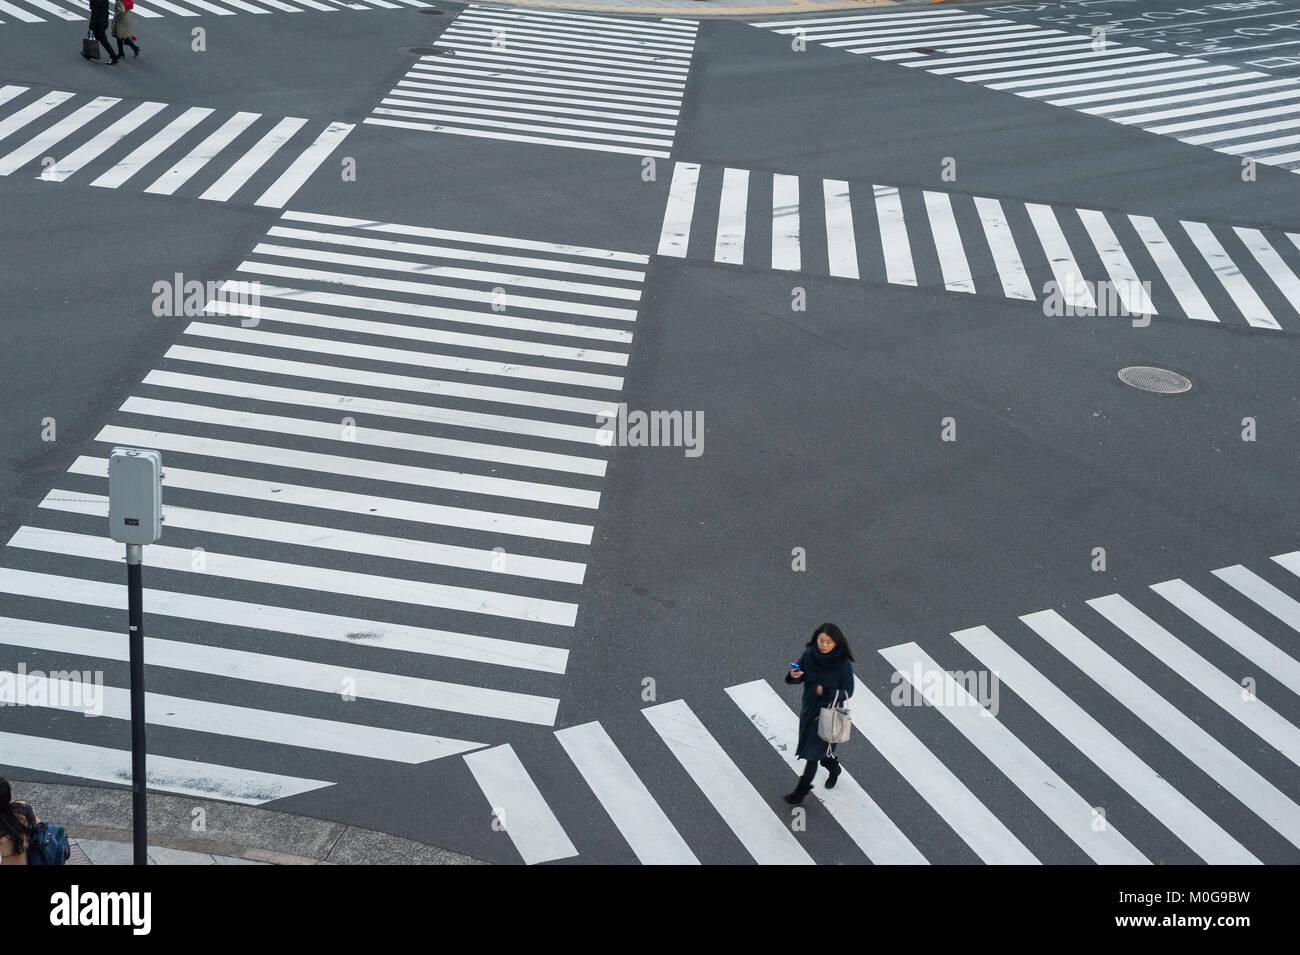 01.01.2018, Tokyo, Japan, Asien - eine Fußgängerampel in Tokyos Ginza District. Stockbild